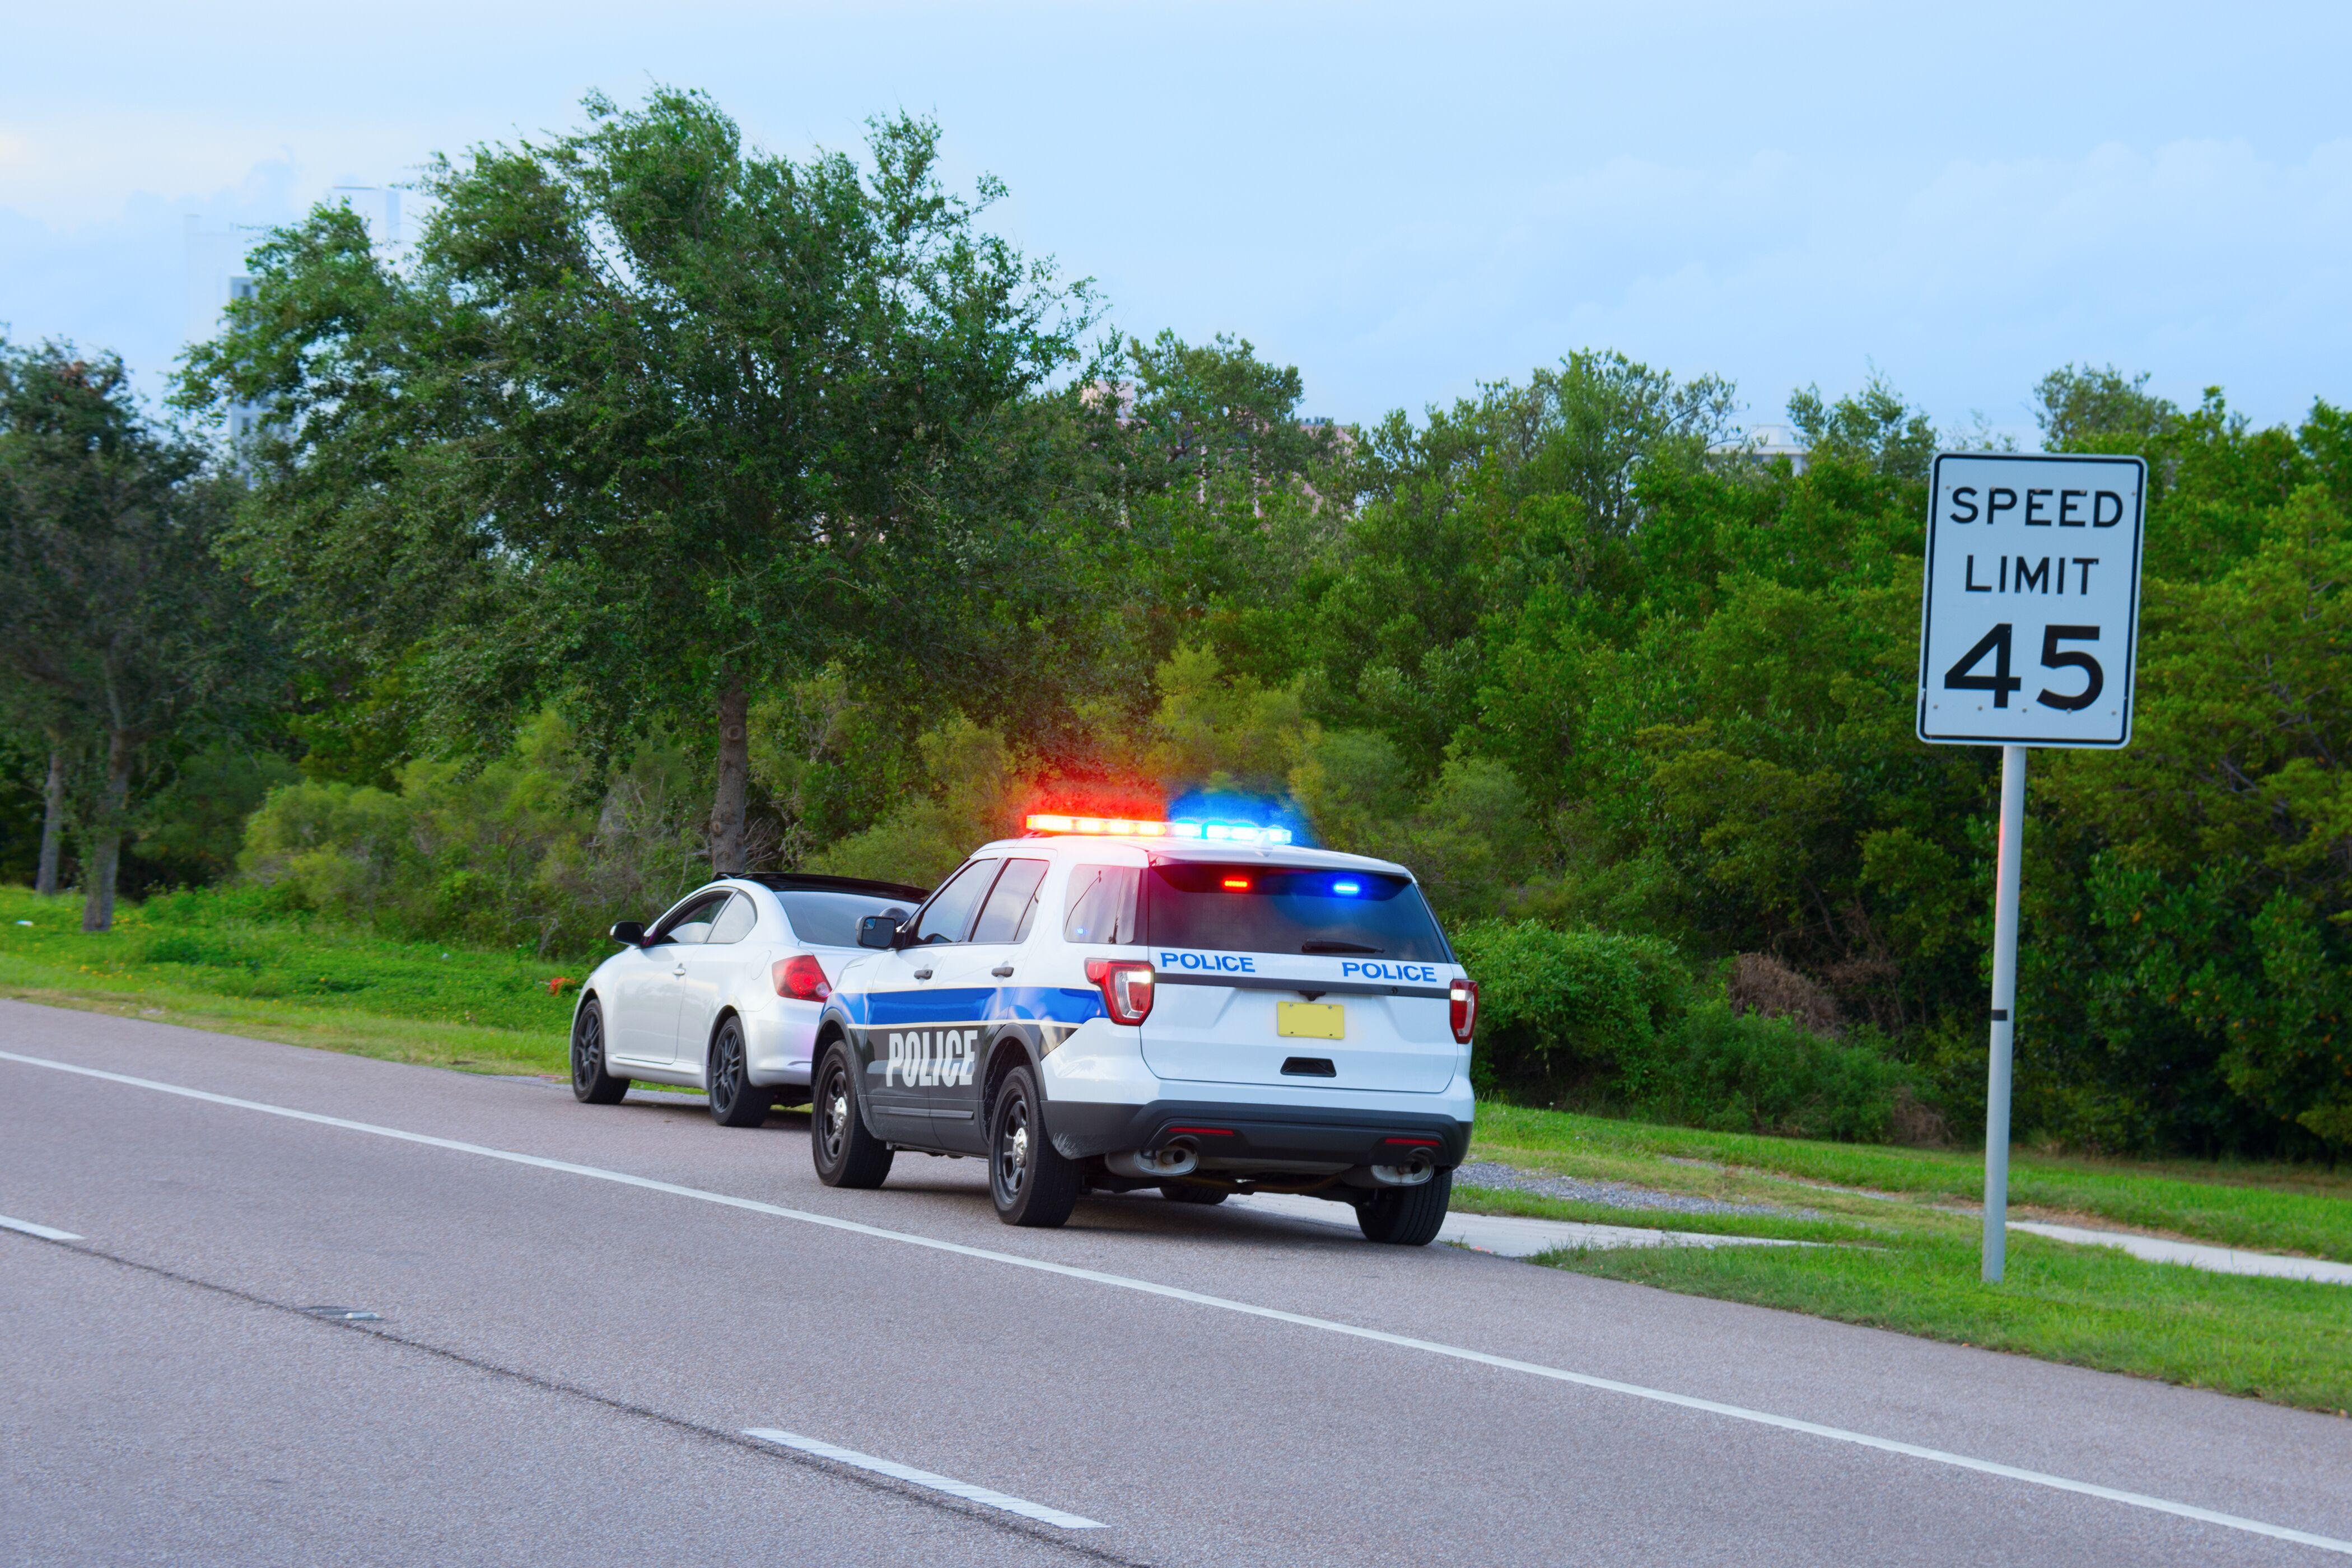 Voitures de police roulant sur la route | Photo : Getty Images